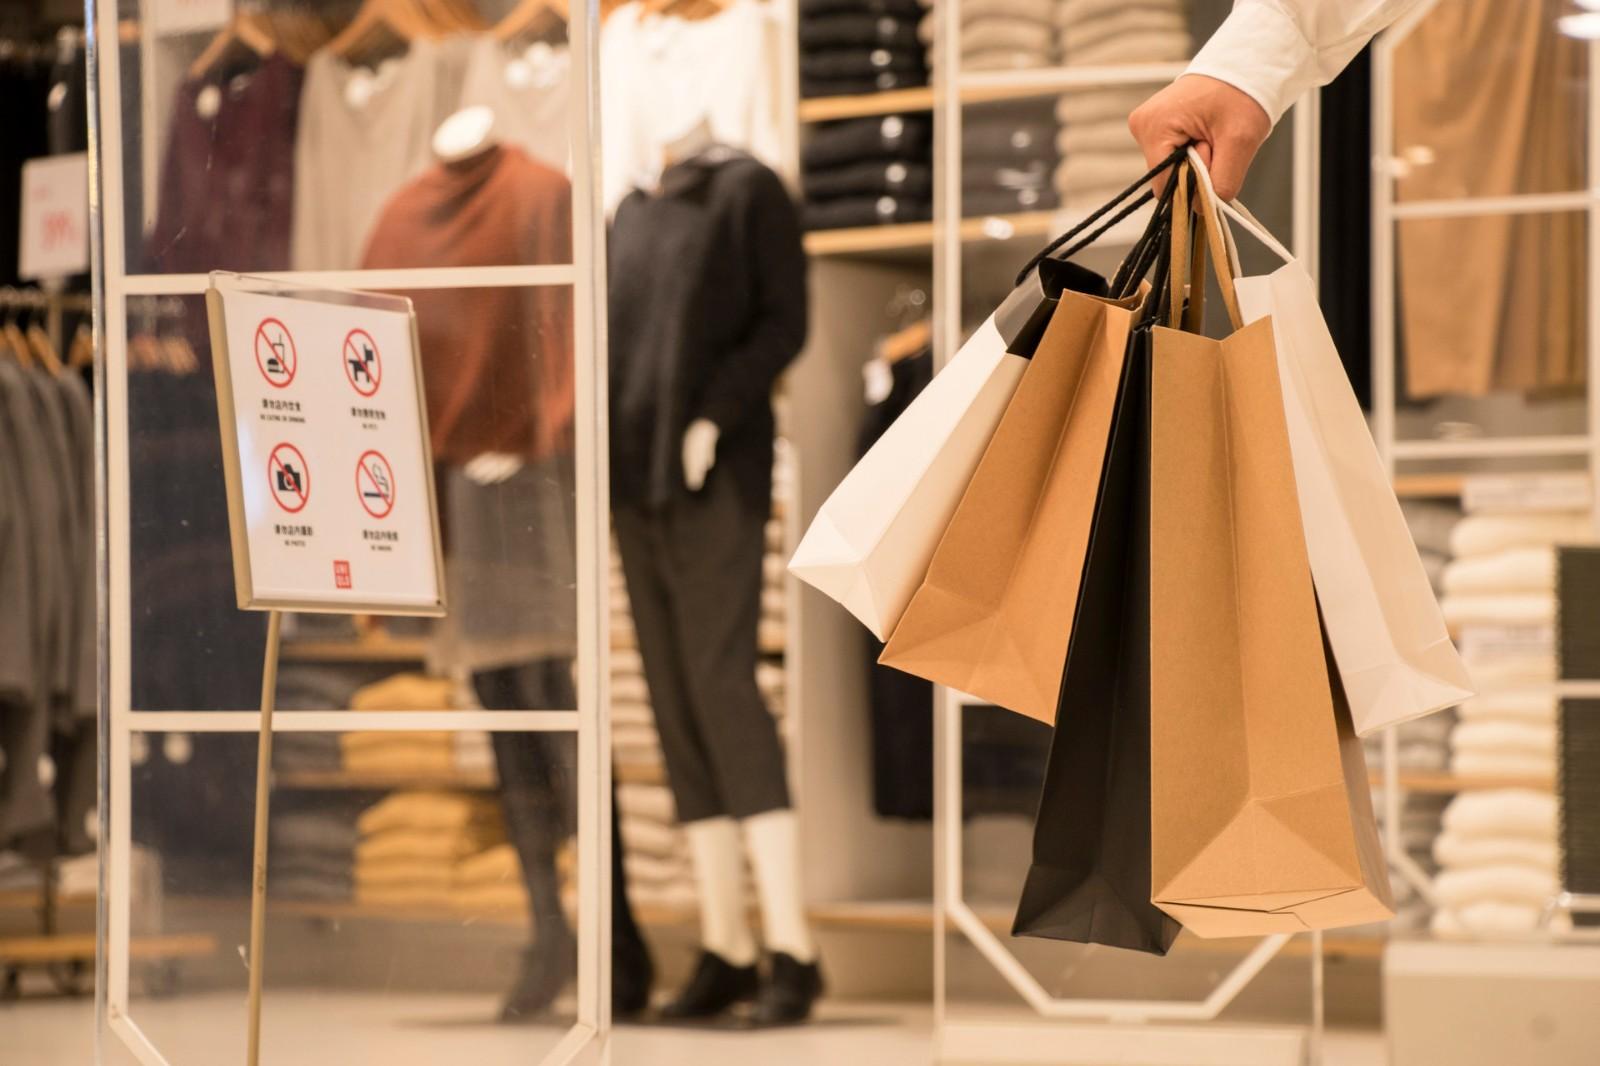 POC测试客流分析准确率985%,昇星科技用服务价值吸引购物中心客户合作